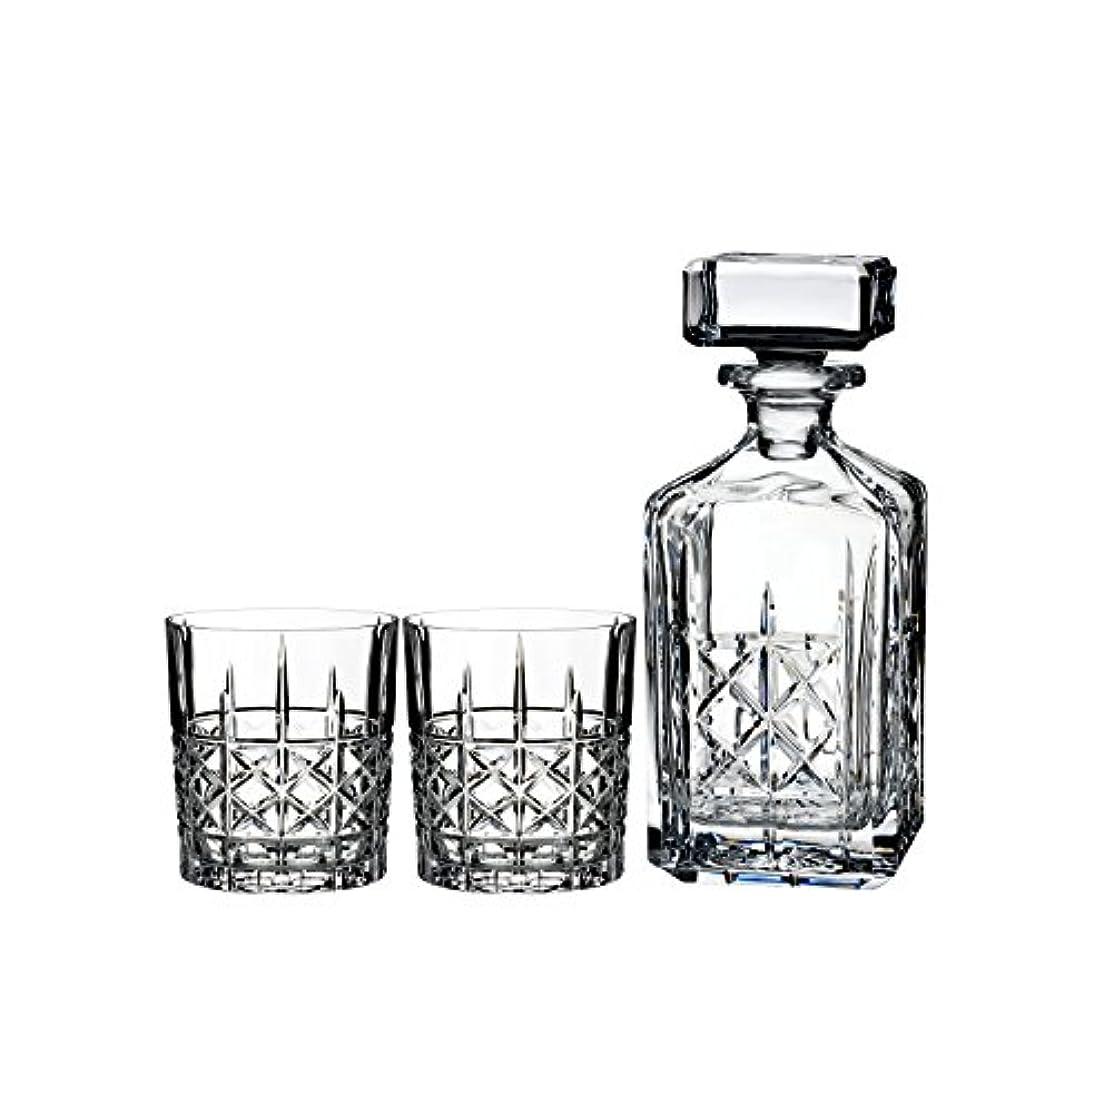 ねじれ甘美なジェムMarquis by Waterford Brady Decanter Set with Two Double Old Fashioned Glasses by Waterford